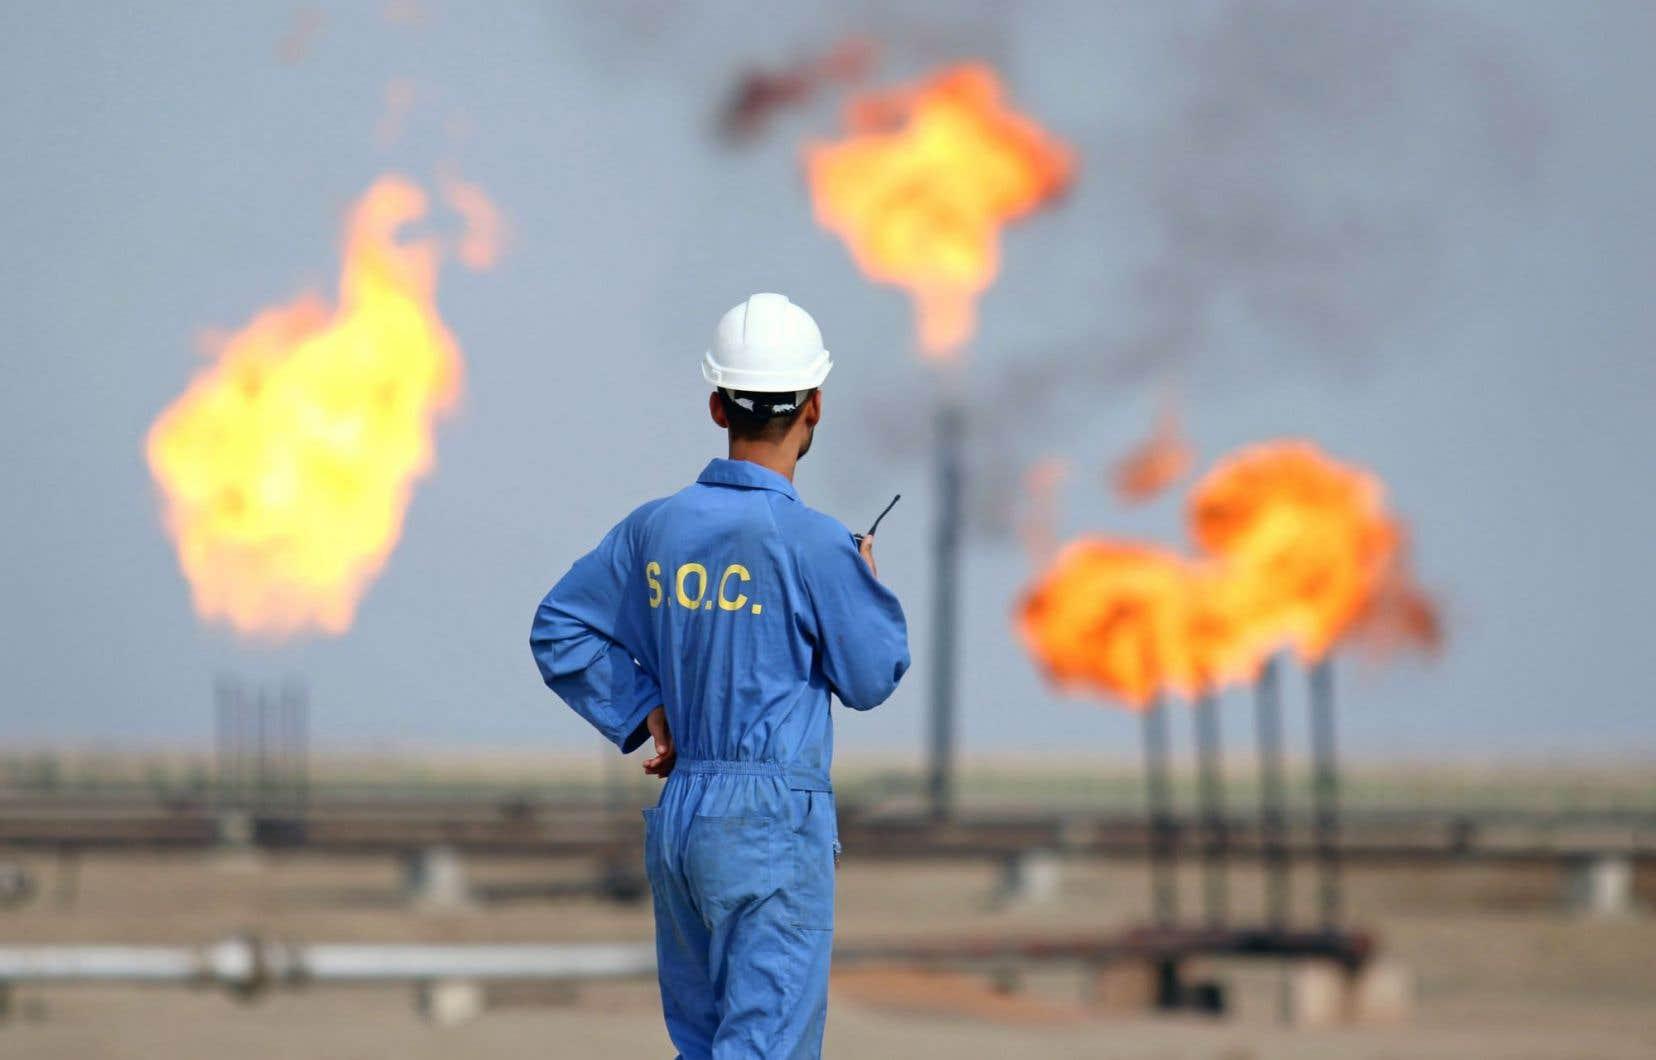 Selon les prévisions de l'AIE, les investissements dans l'exploration et la production pétrolifère vont décliner l'an prochain pour une deuxième année consécutive: du jamais vu depuis les années 1980.